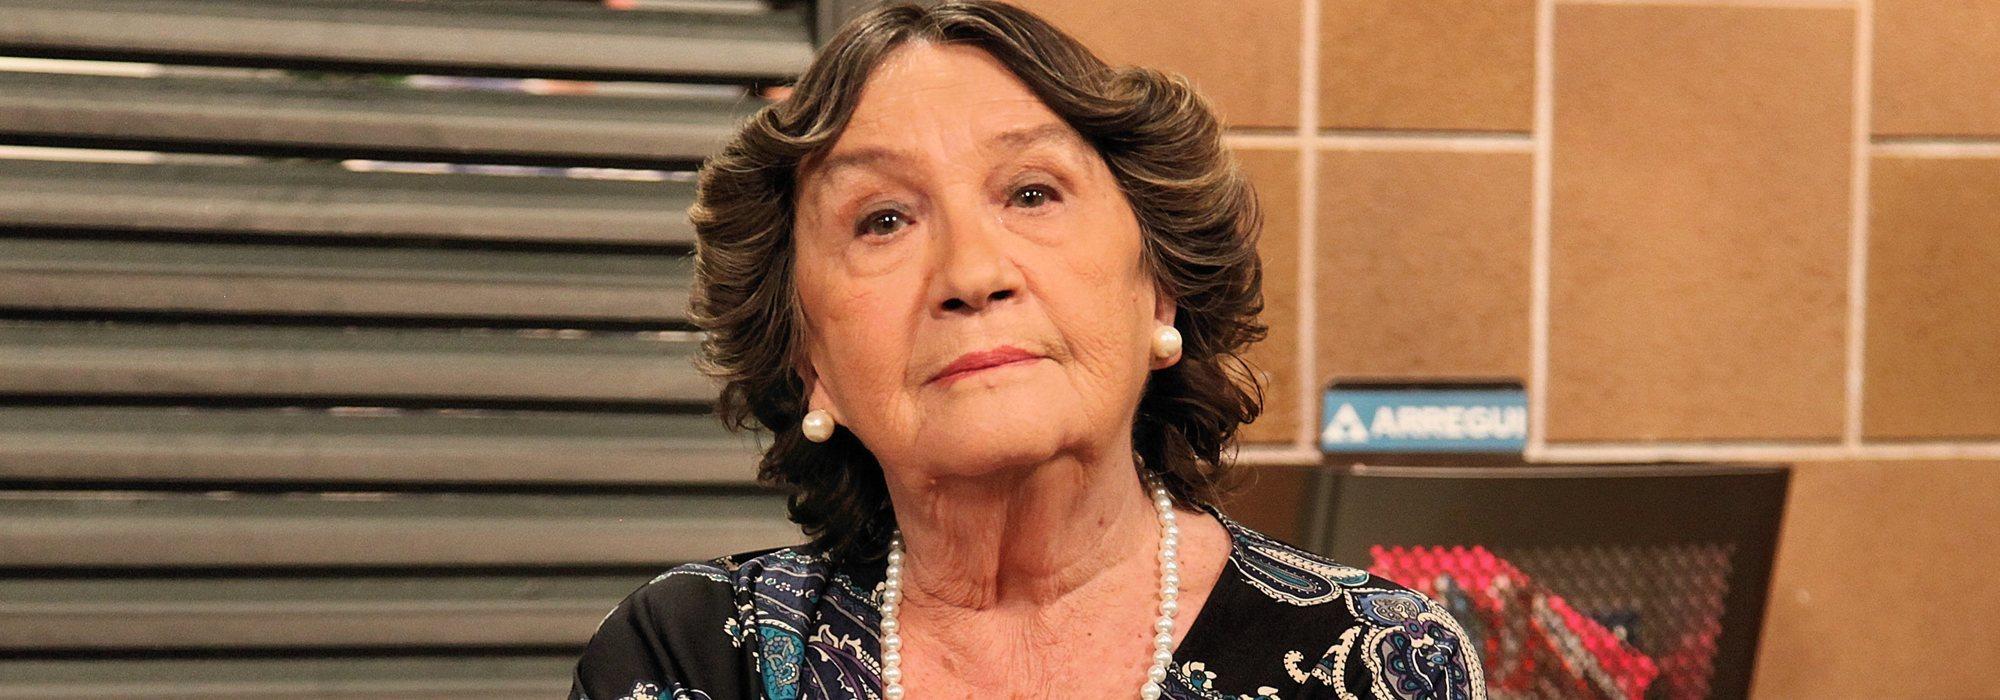 'La que se avecina': Las 9 mejores frases de Justi, la madre de Amador